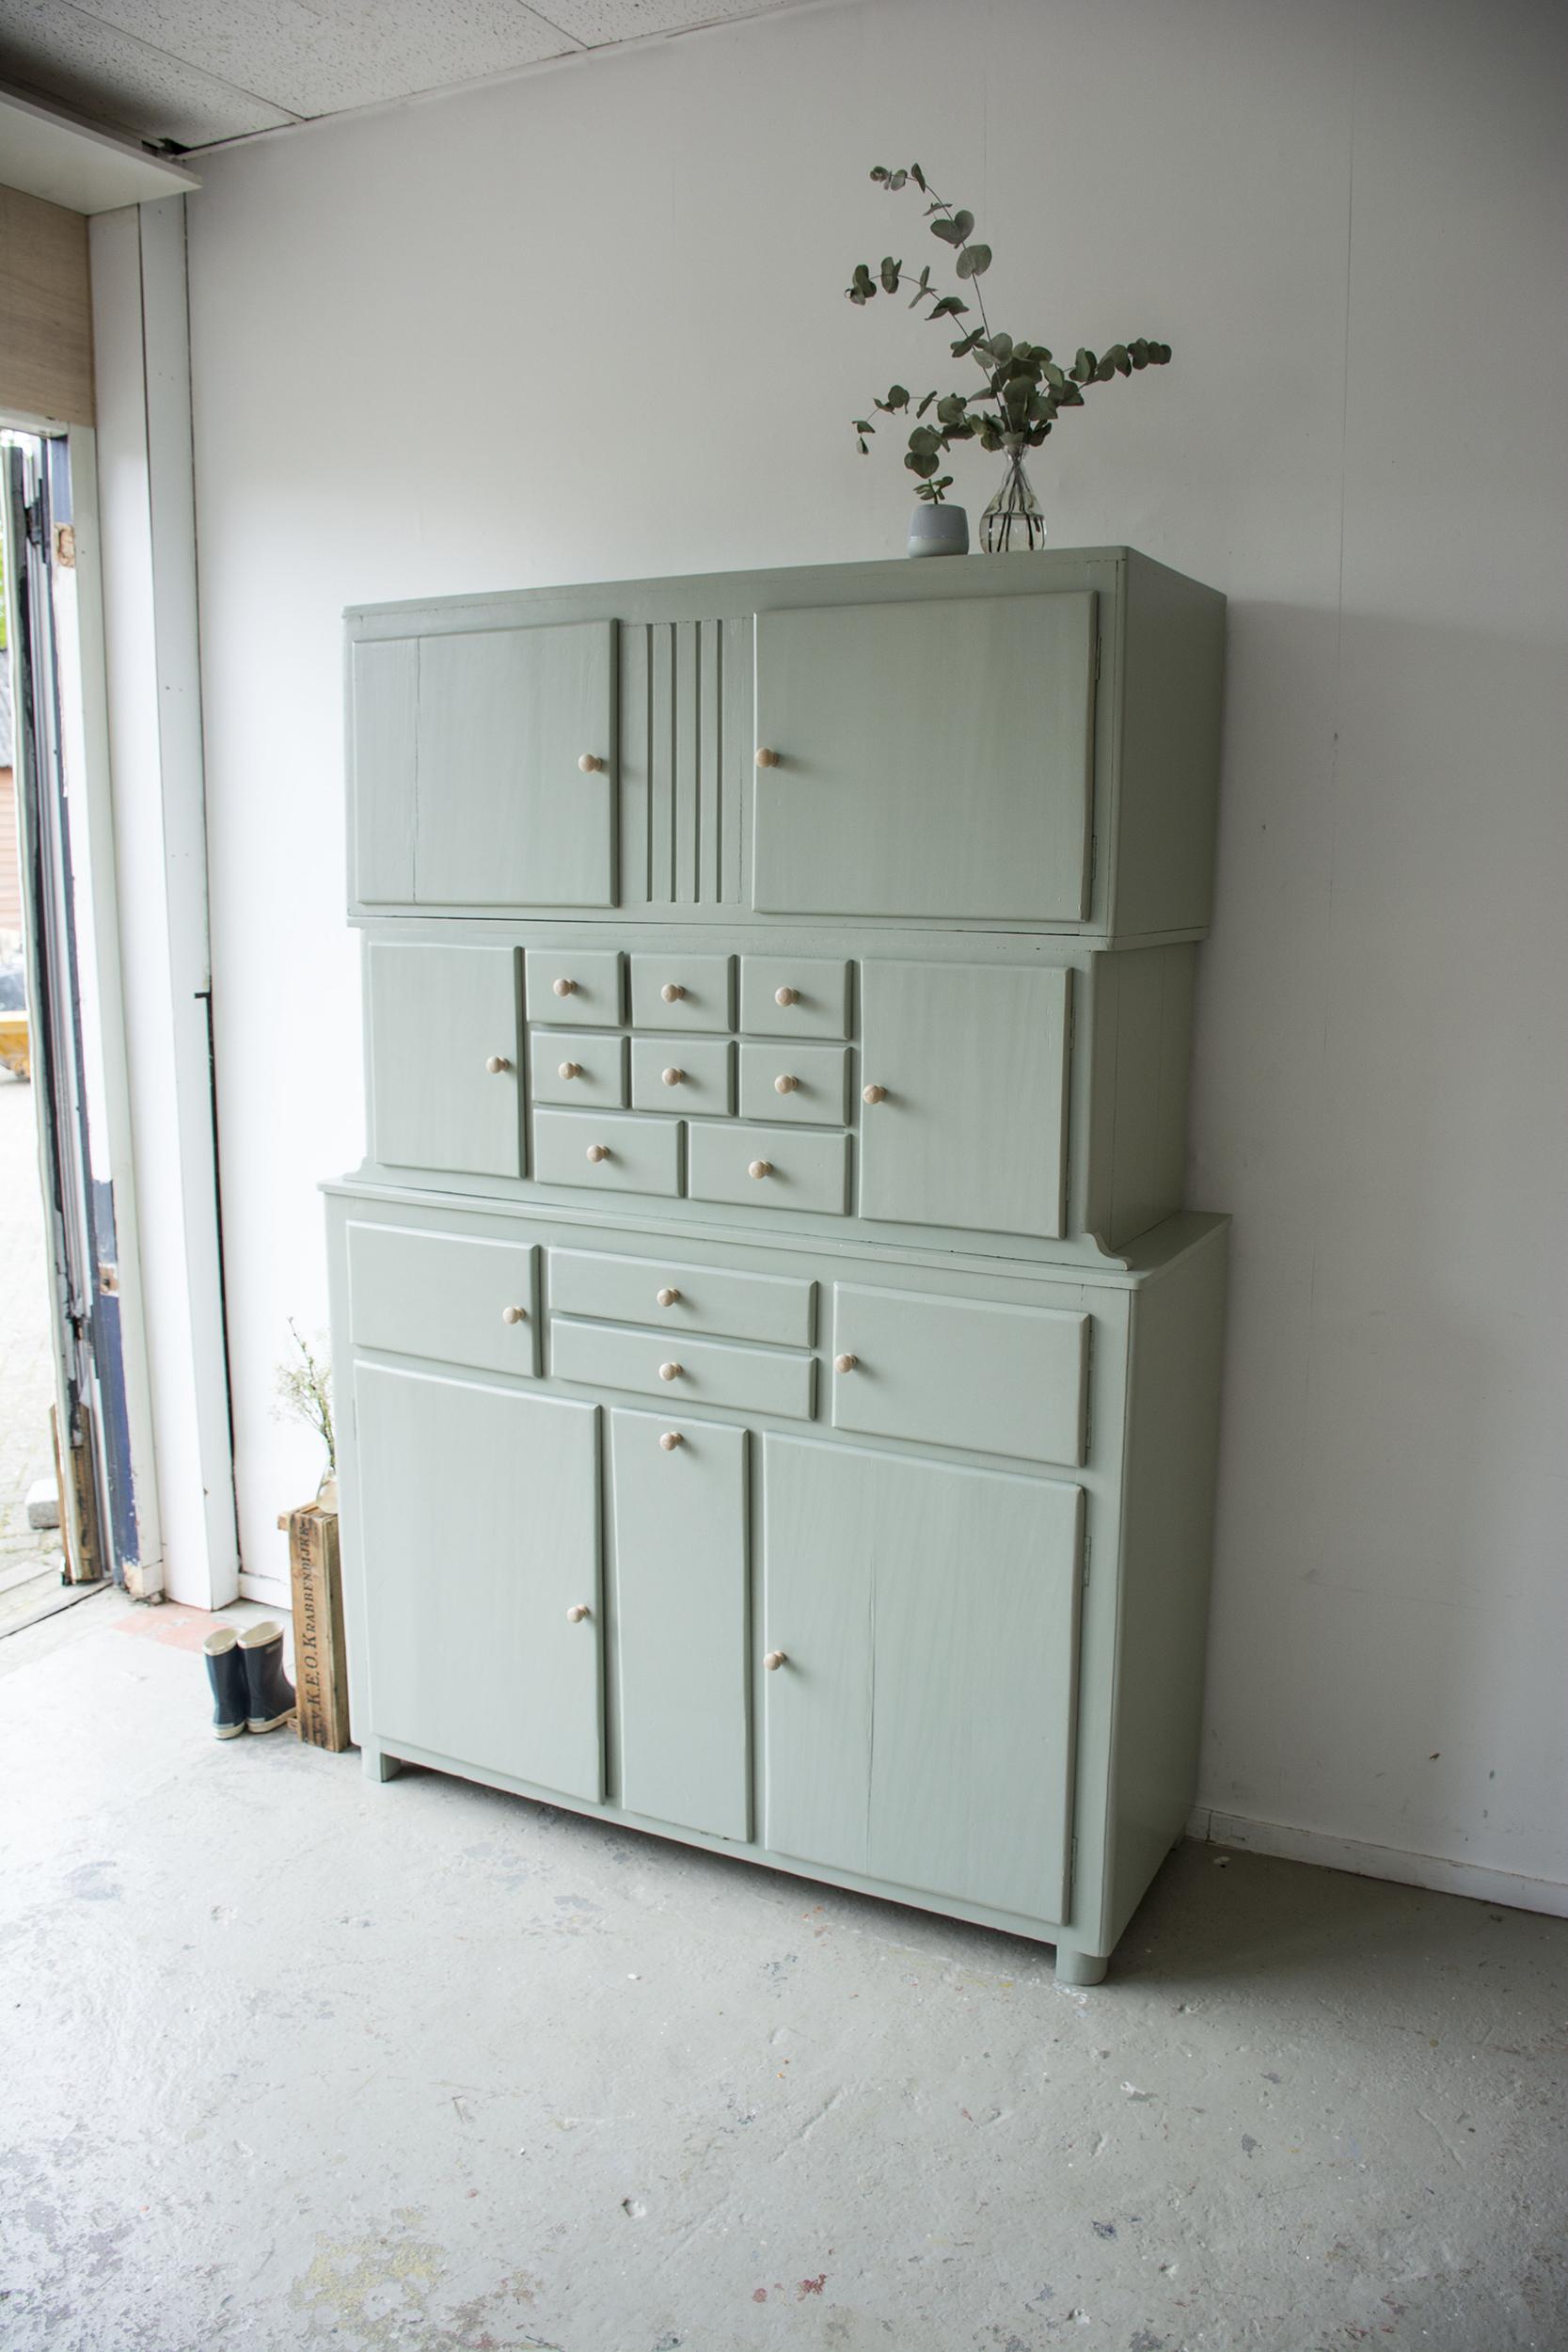 _Grijsgroene driedelige keukenkast - Firma zoethout_2.jpg